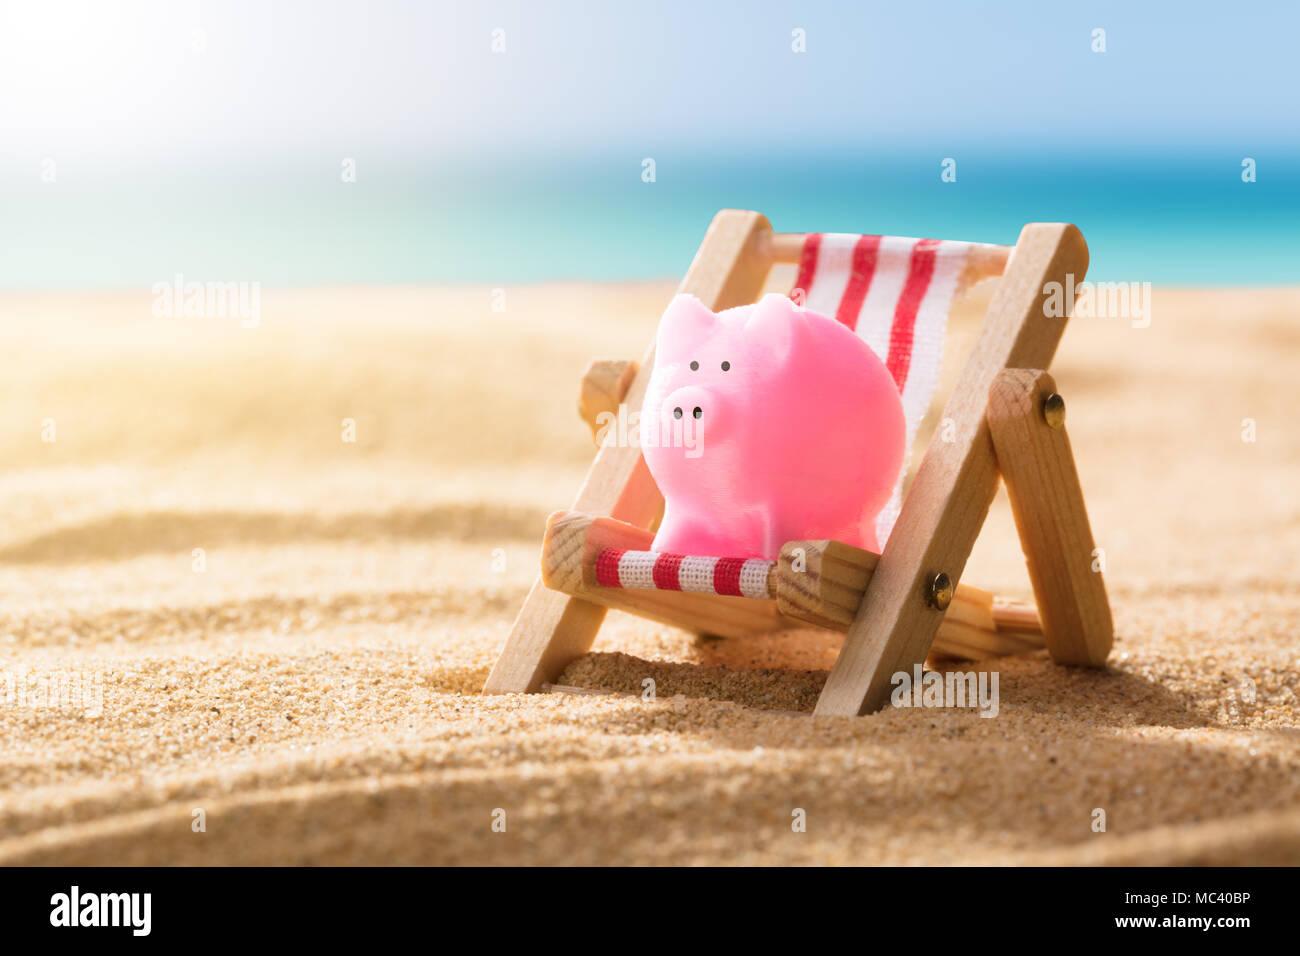 Hucha Bote Hucha Vacaciones en la Playa en Bote